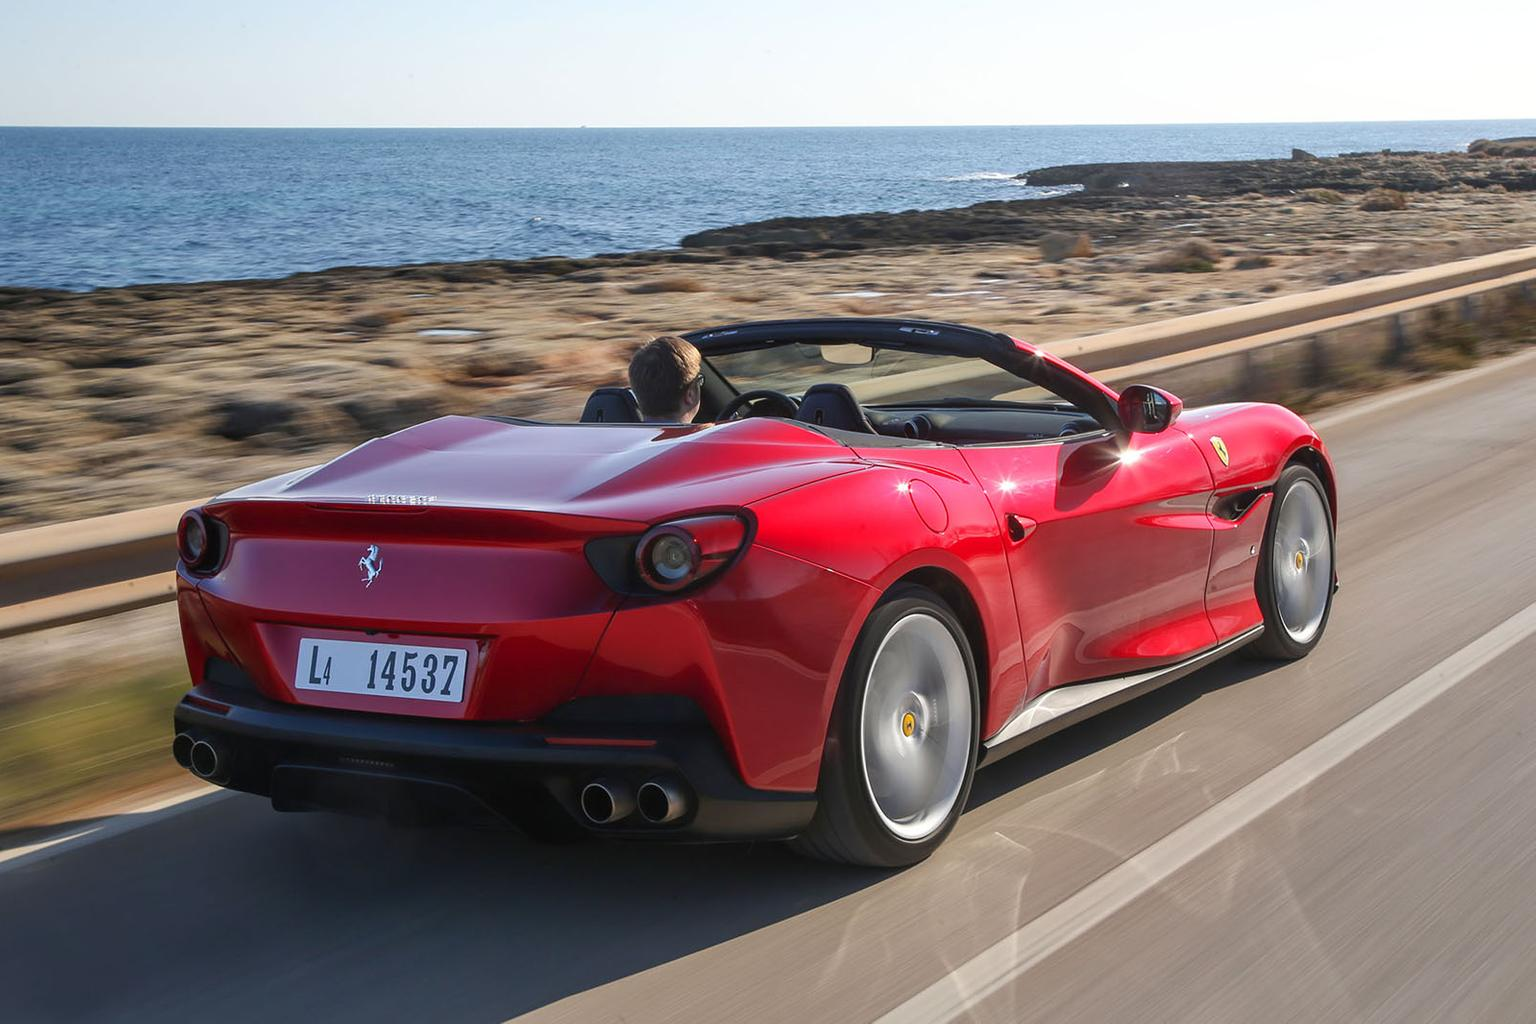 2018 Ferrari Portofino review - price, specs and release date